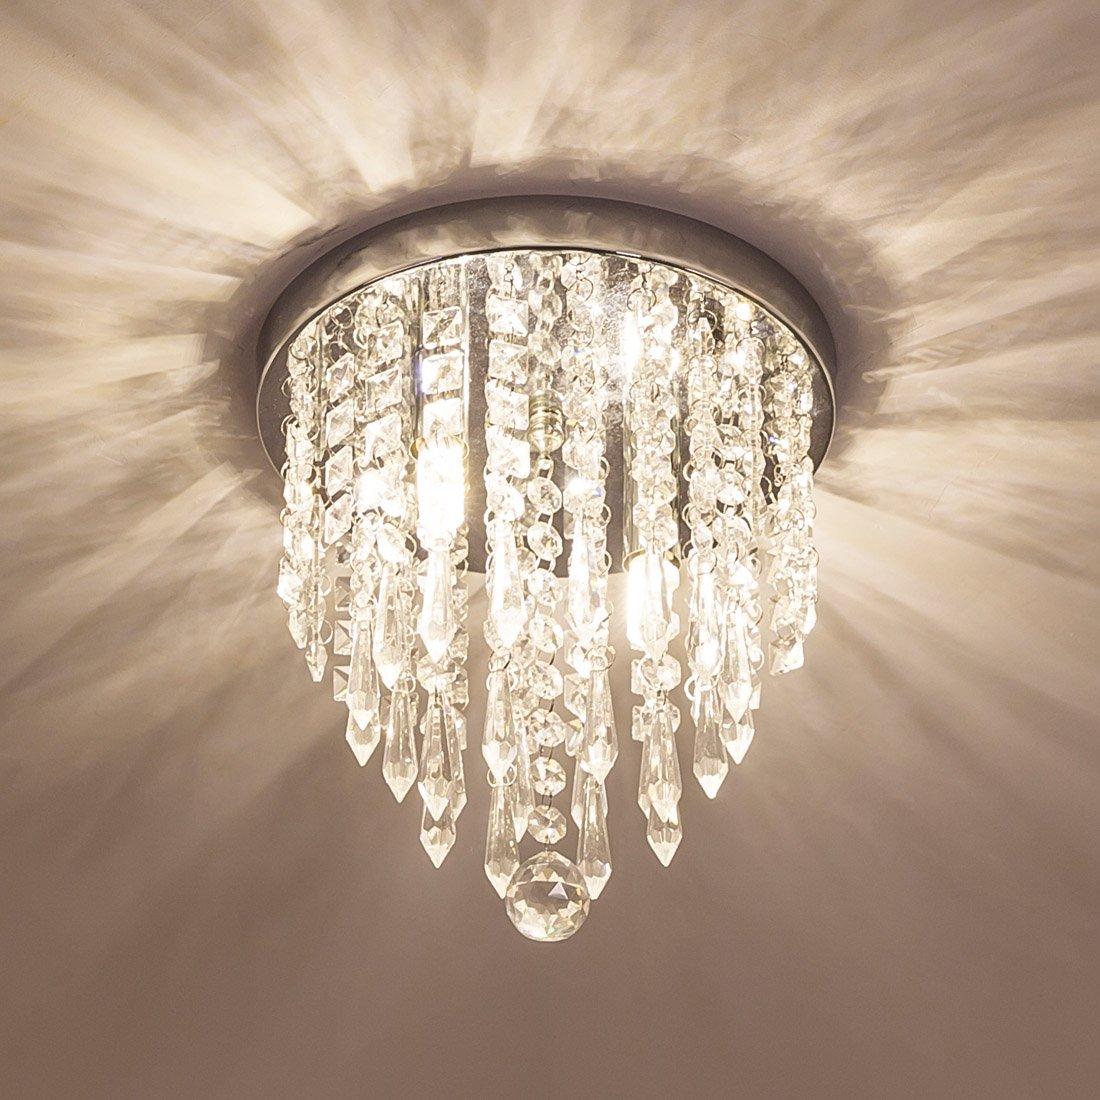 Lifeholder Mini Chandelier Crystal Lighting 2 Lights Flush Mount Ceiling Light H10 4 X W8 66 Modern Fixture For